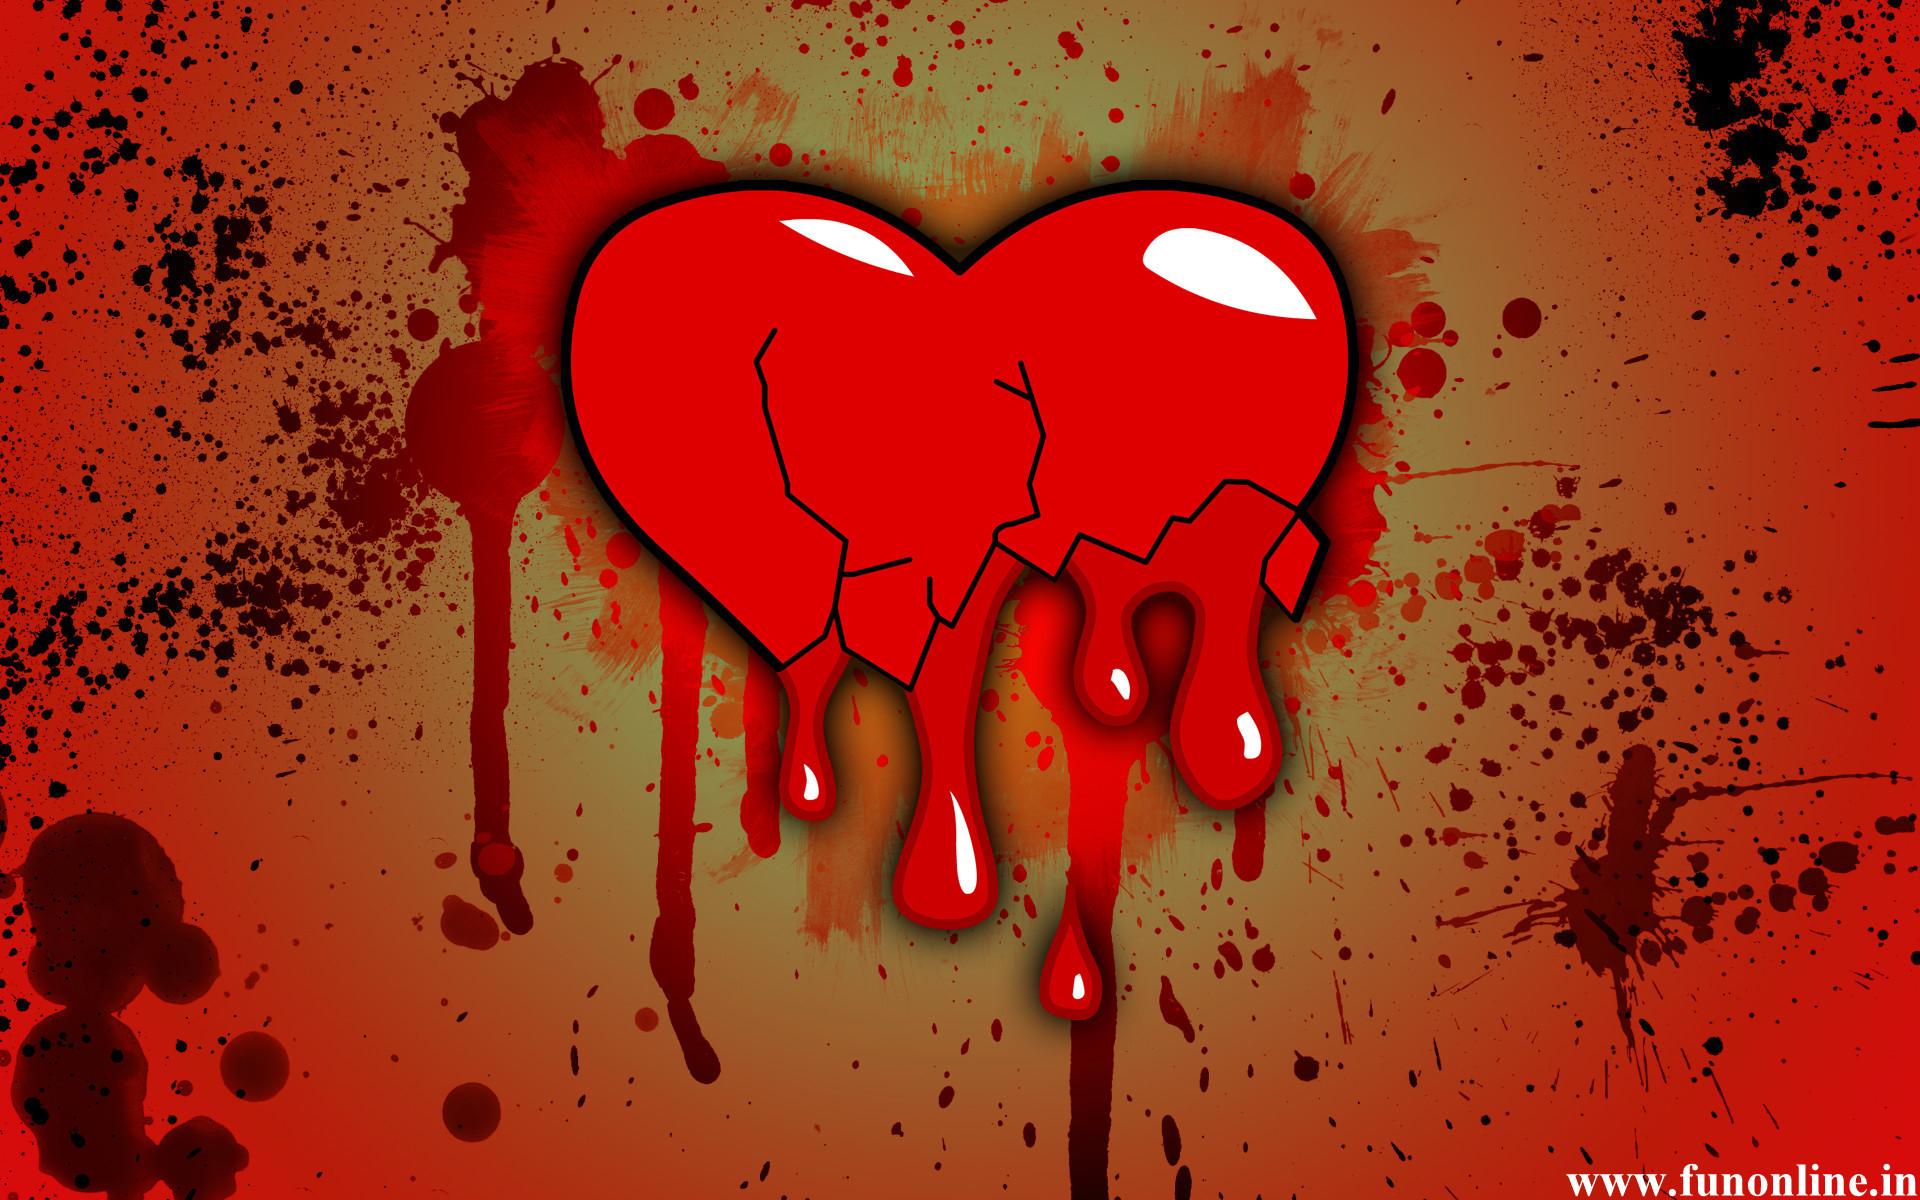 heartbreak wallpaper 63 images